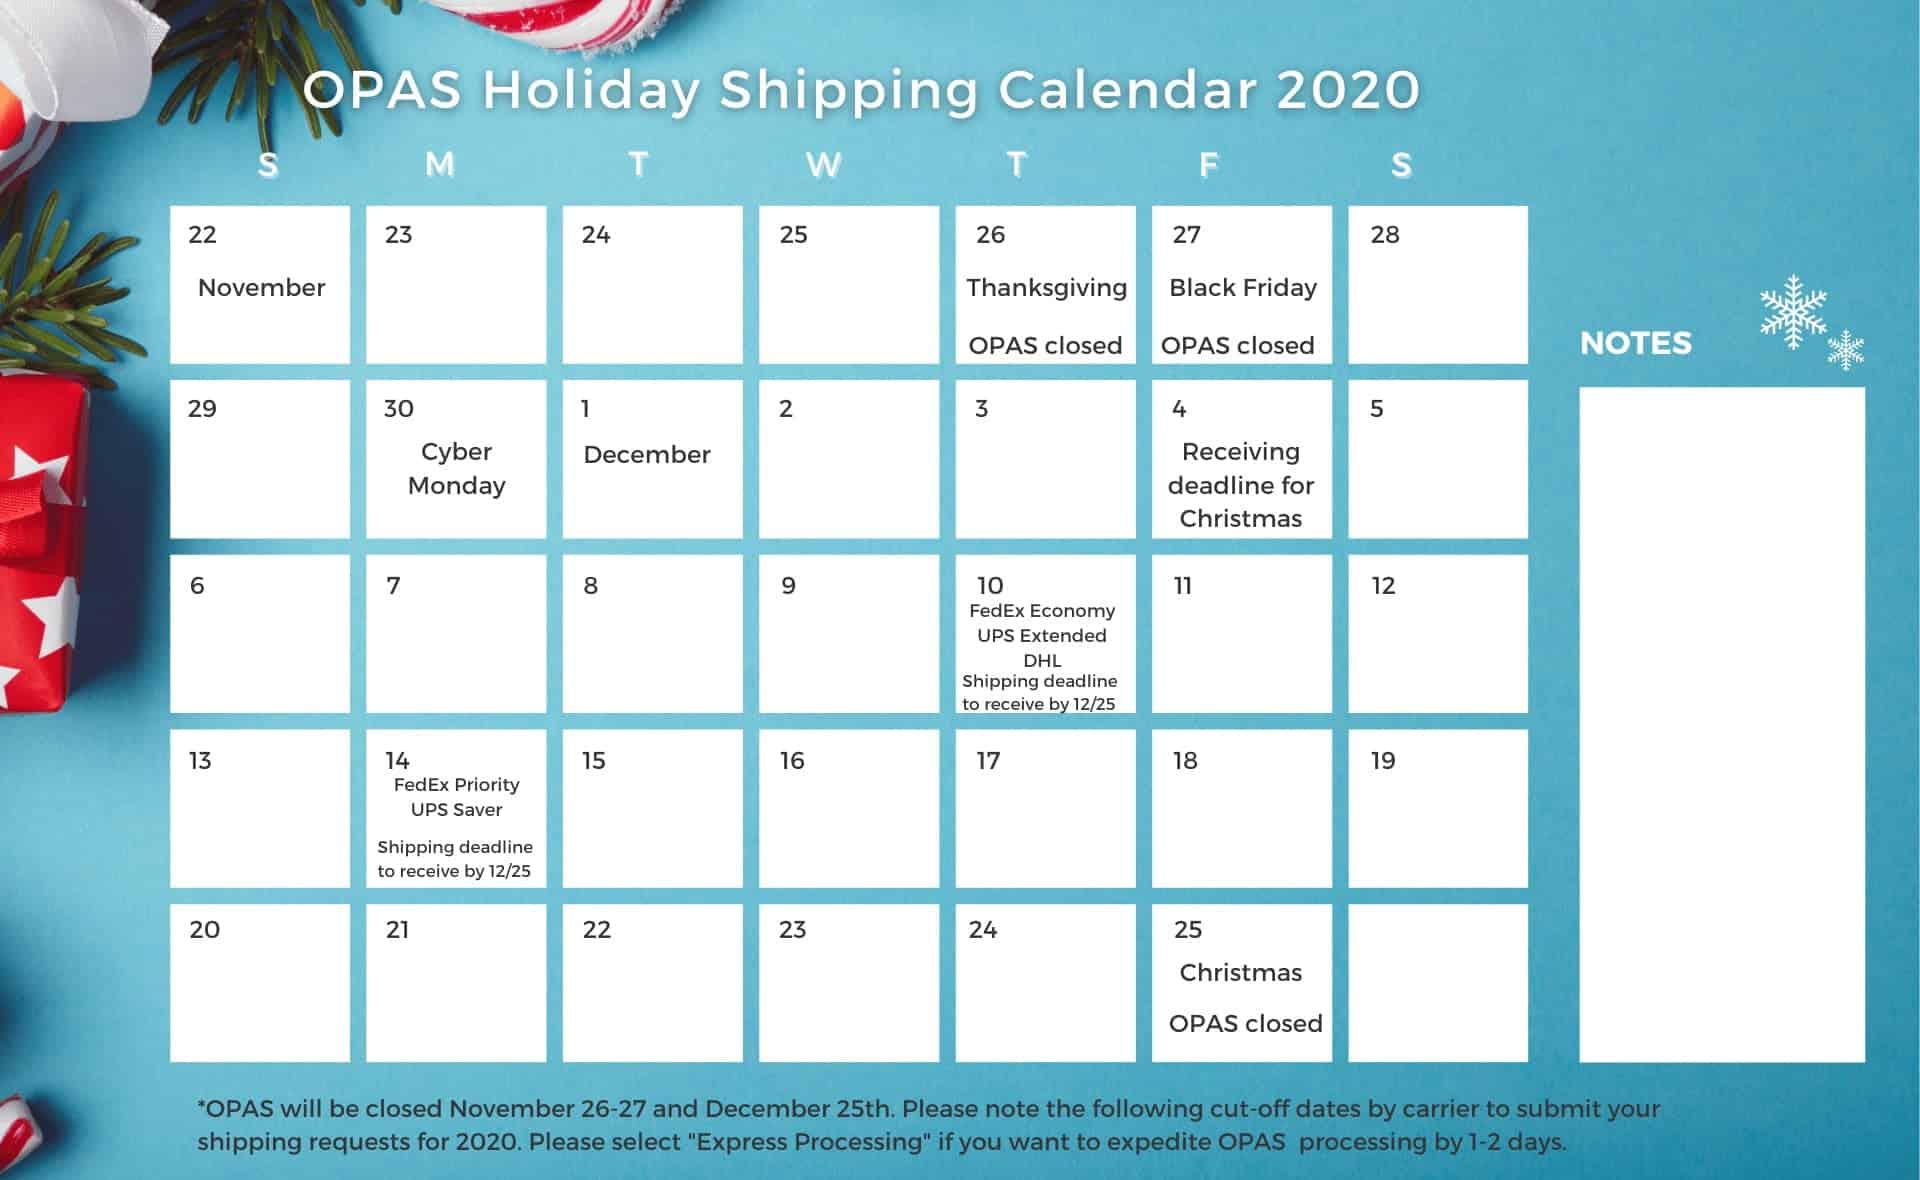 OPAS Holiday Shipping Calendar 2020